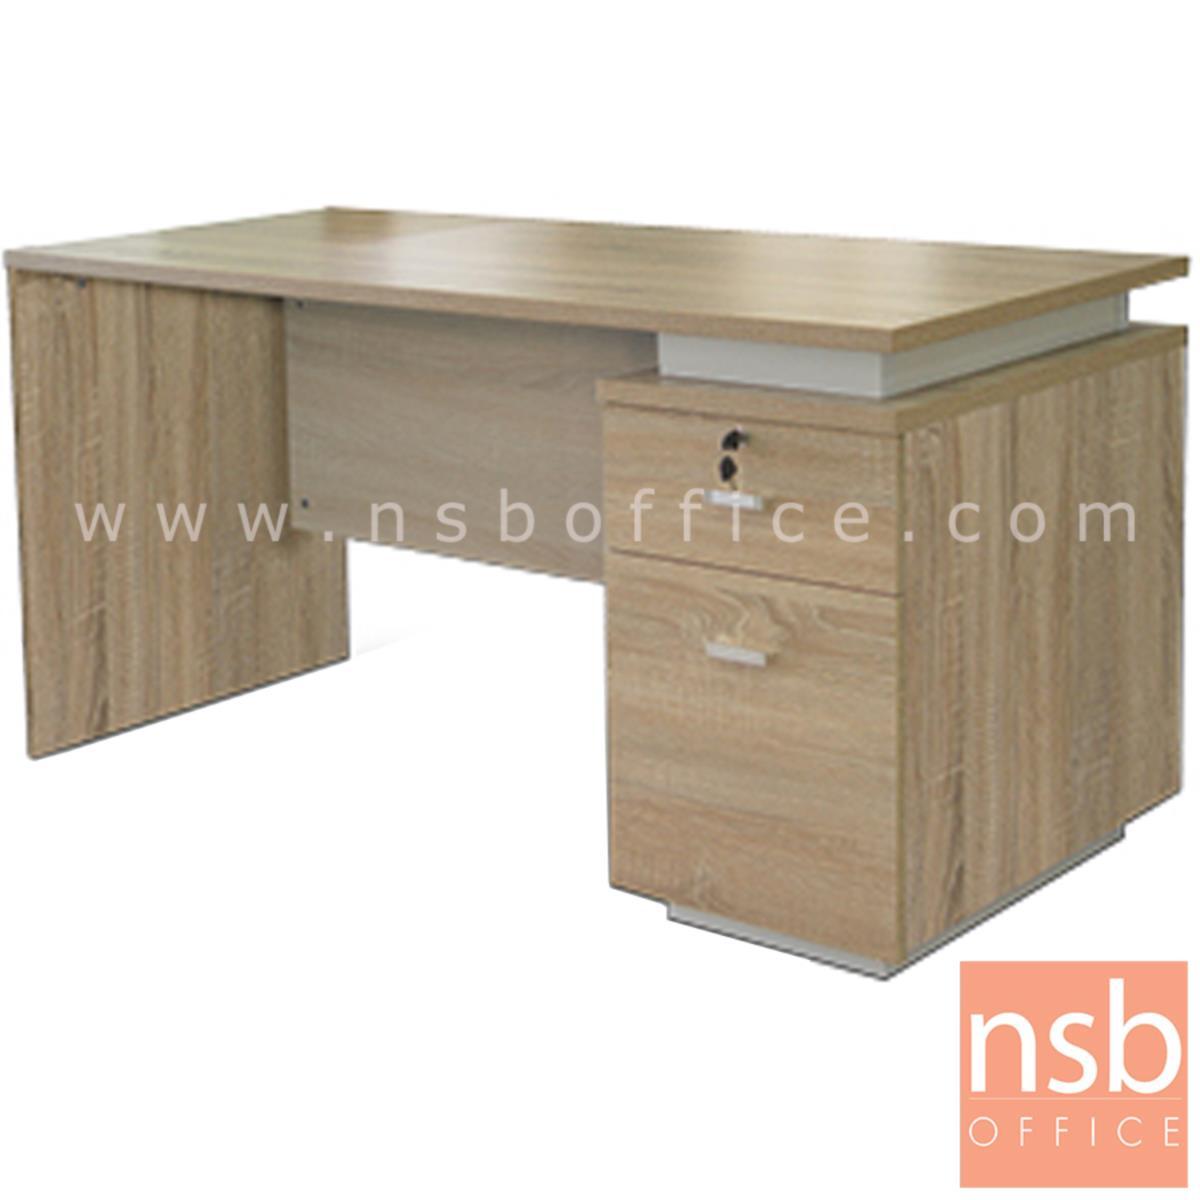 A13A182:โต๊ะทำงาน 1 ลิ้นชัก 1 บานเปิด  รุ่น D-CP ขนาด 150W cm. เมลามีน